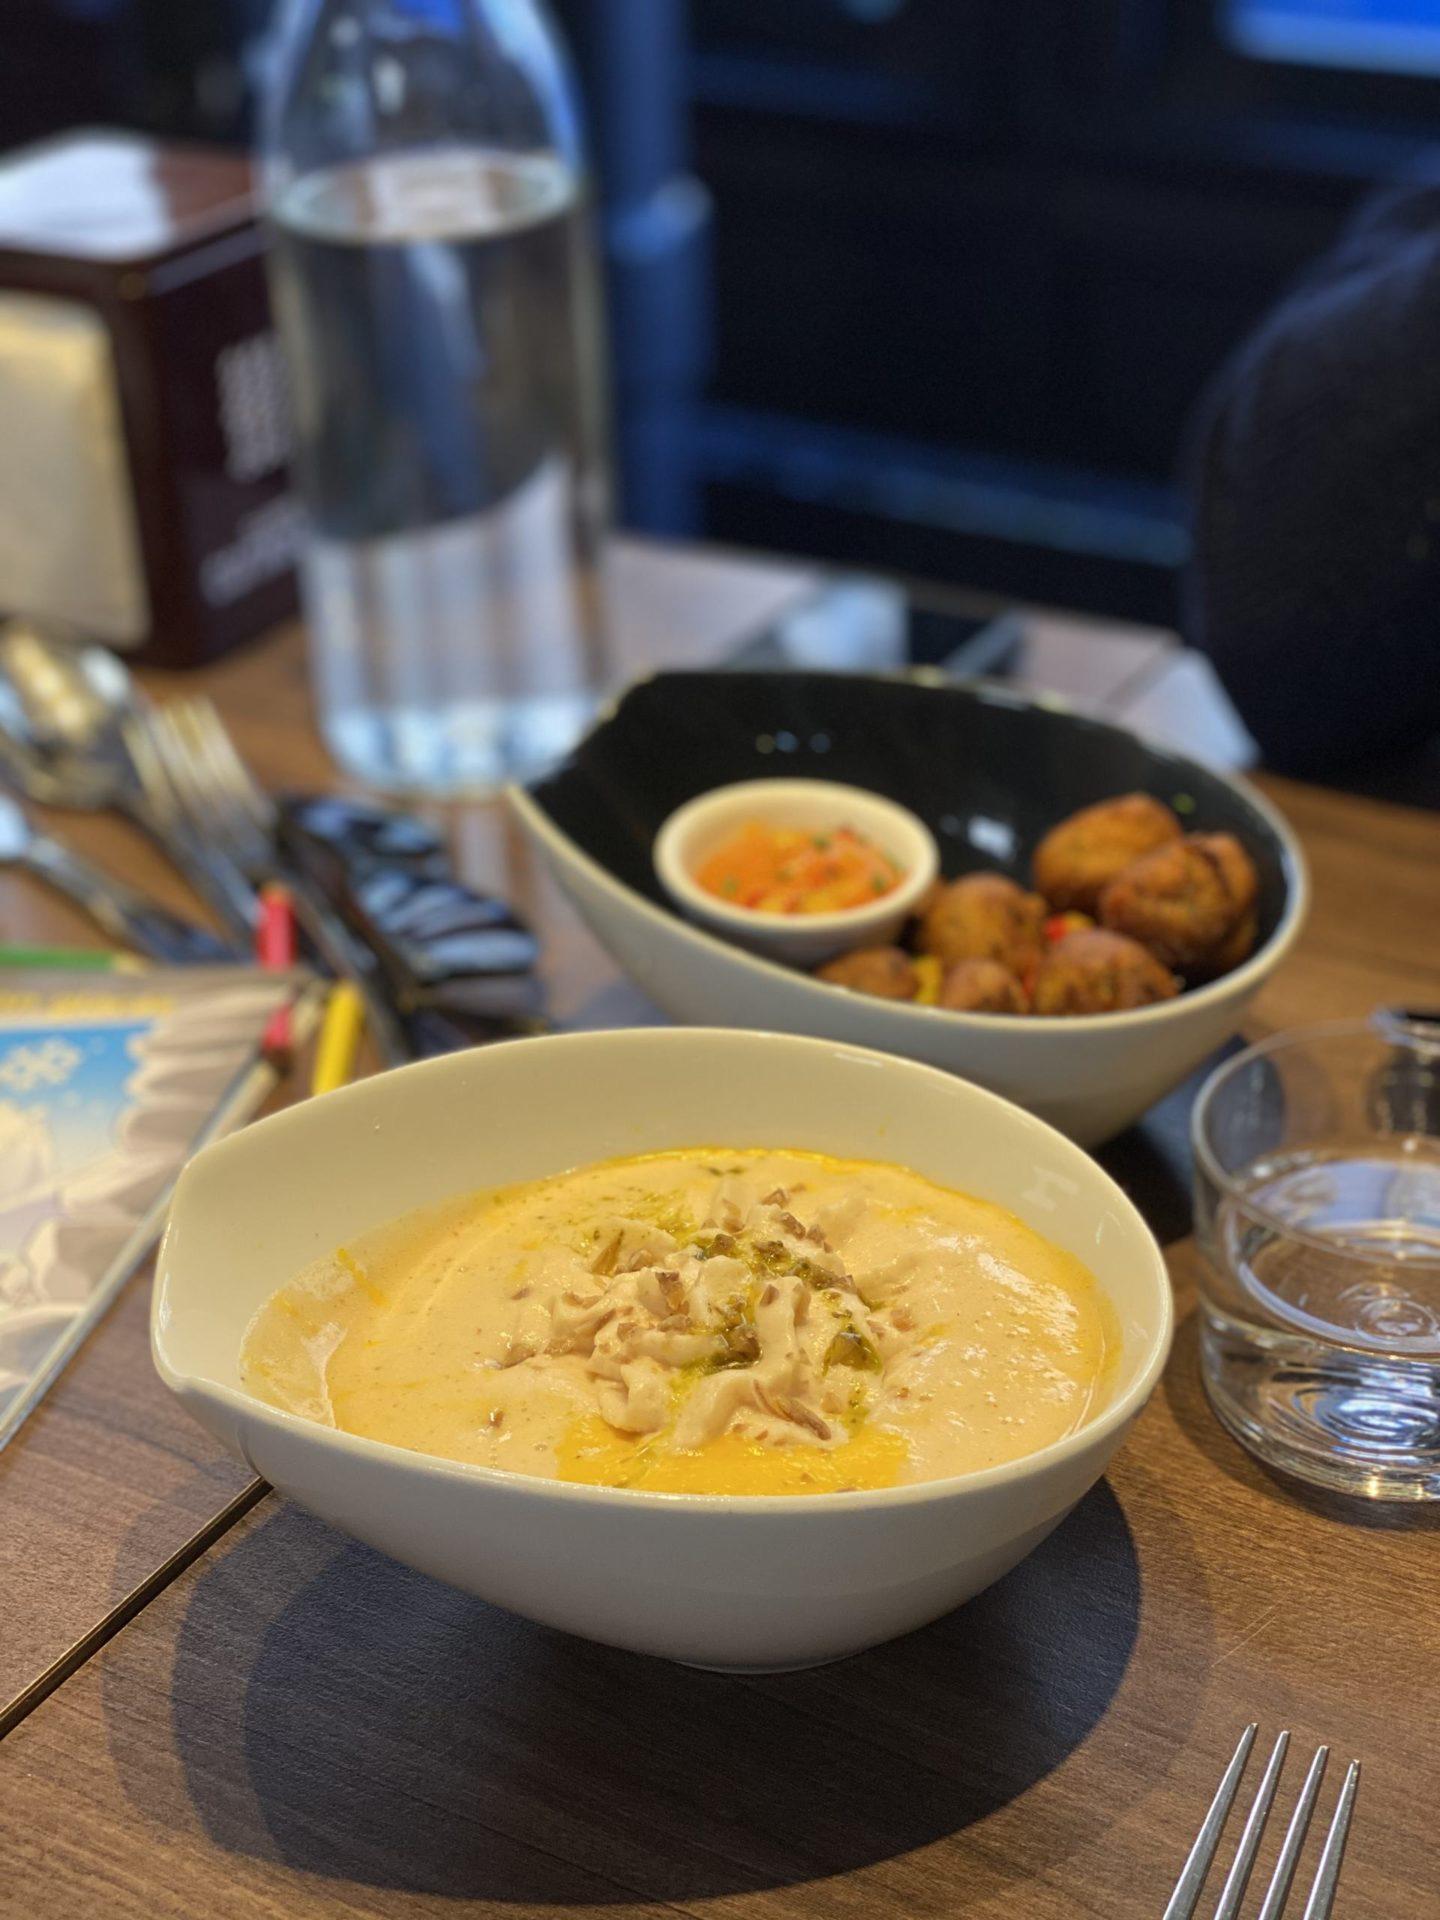 Le-potager-des-halles-restaurant-lyon2